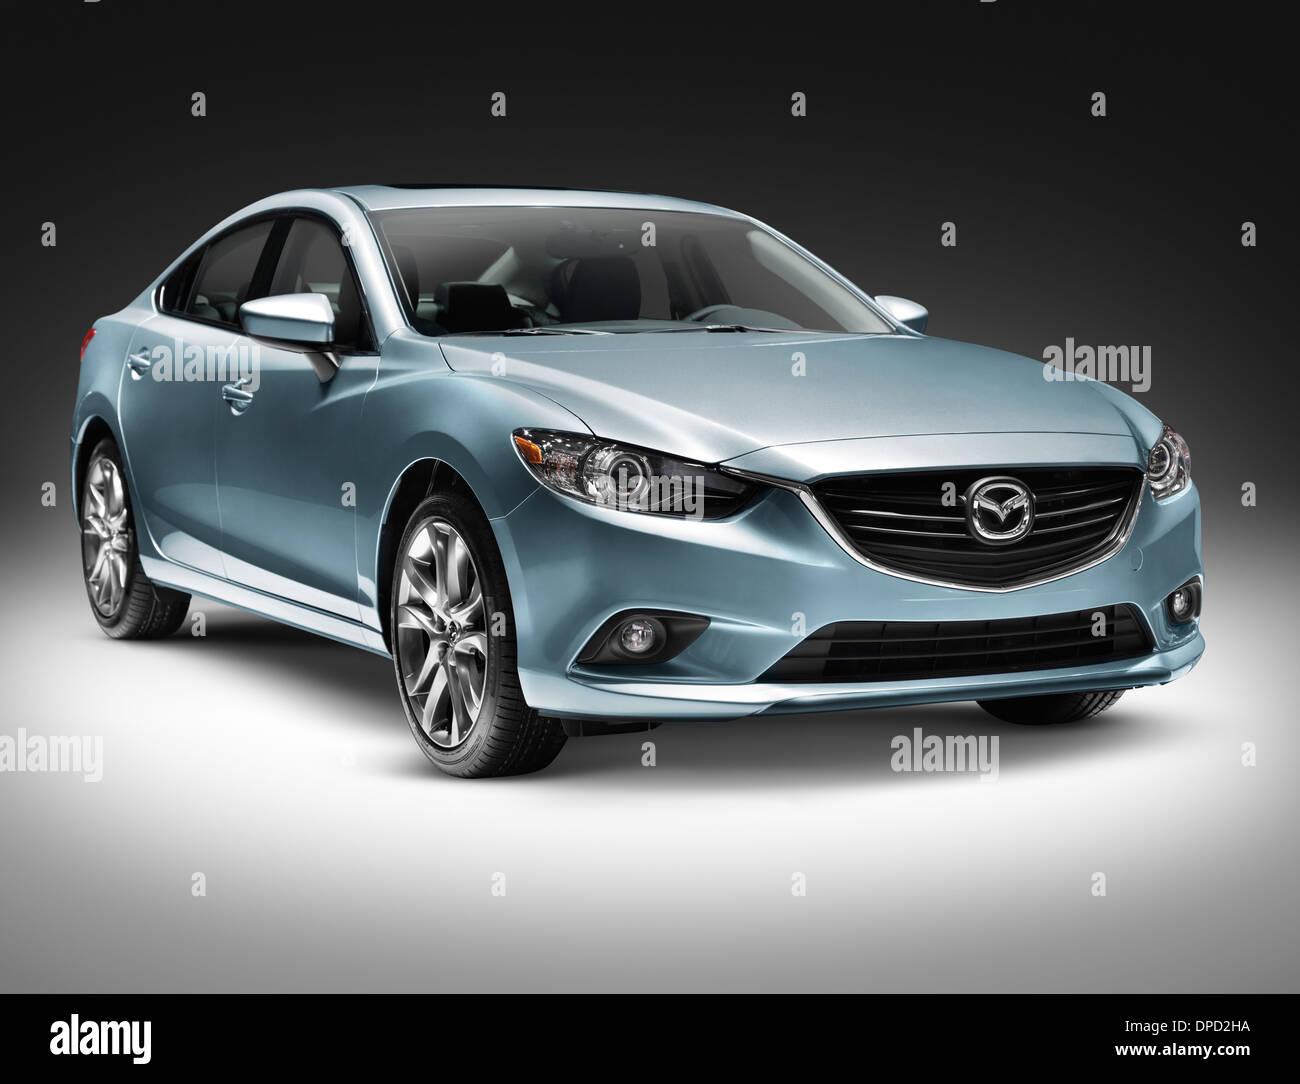 Blue 2014 Mazda Mazda6 coche sedán de tamaño mediano aislado sobre fondo gris con trazado de recorte Imagen De Stock